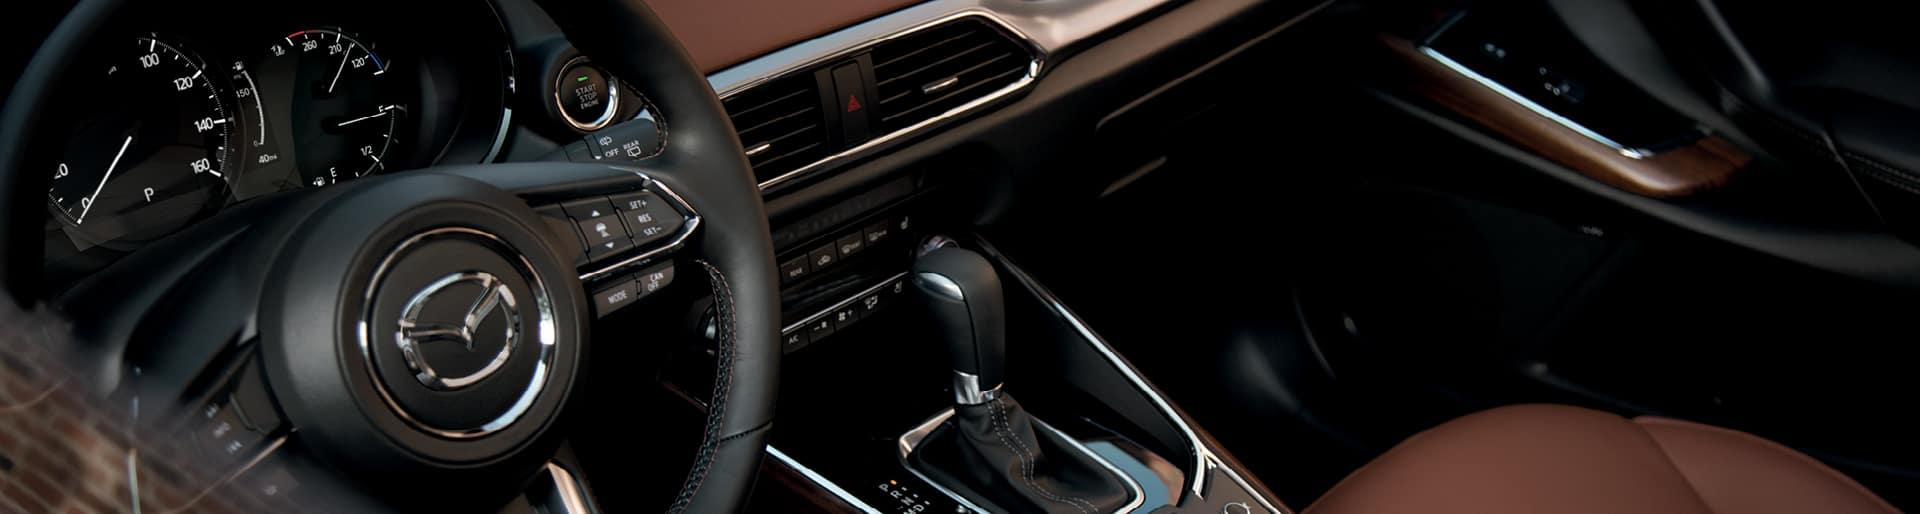 2019 Mazda CX9 interior